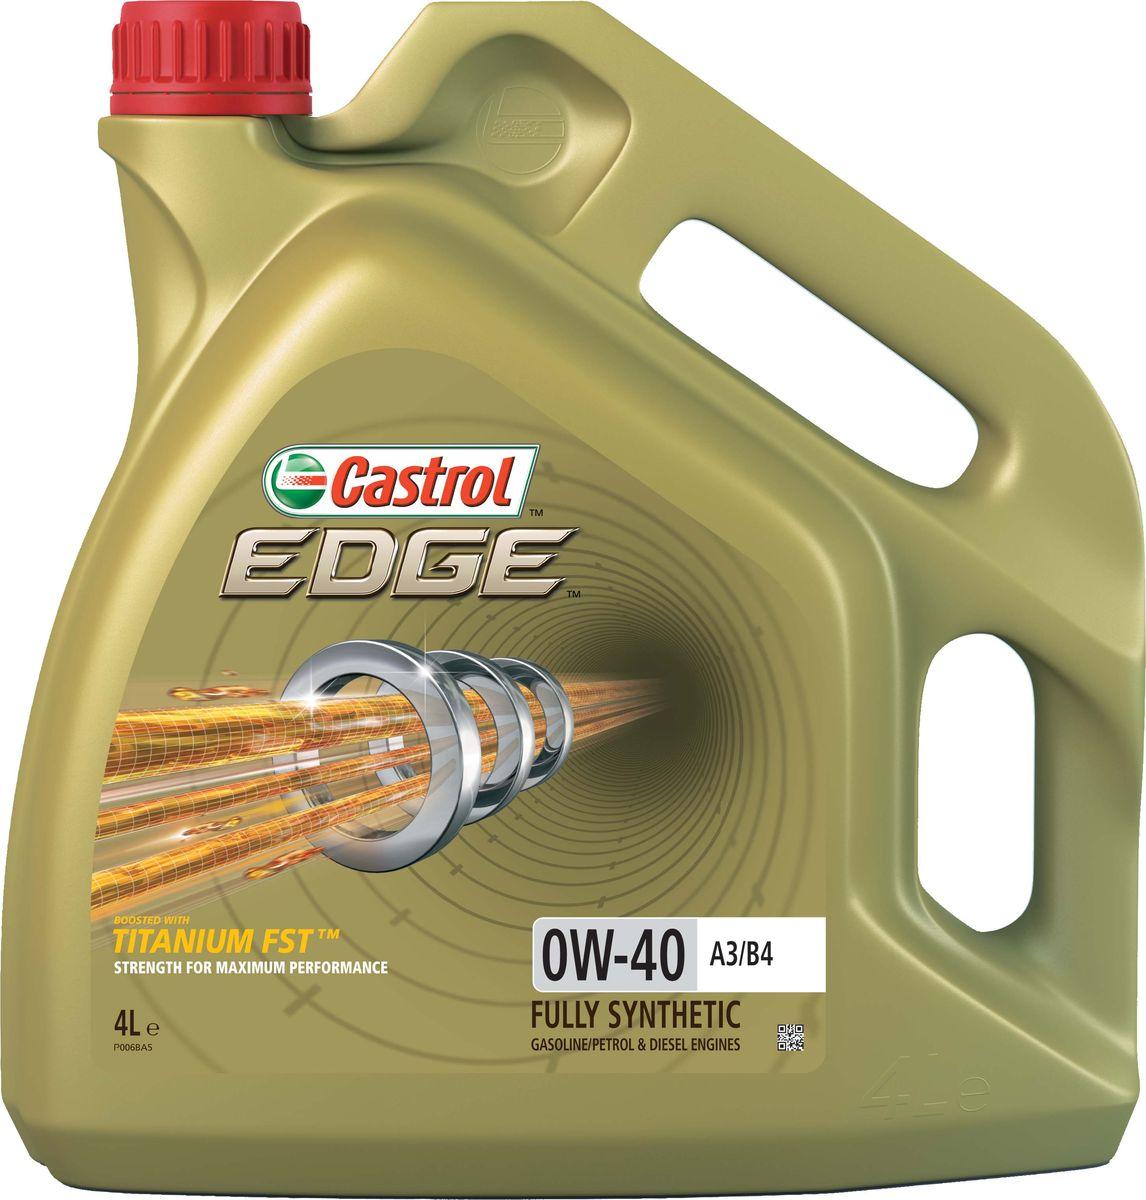 Моторное масло Castrol Edge0W-40 A3/B4, 4 л156E8CОписание Полностью синтетическое моторное масло Castrol EDGE произведено с использованием новейшей технологии TITANIUM FST™, придающей масляной пленке дополнительную силу и прочность благодаря соединениям титана. TITANIUM FST™ радикально меняет поведение масла в условиях экстремальных нагрузок, формируя дополнительный ударопоглащающий слой. Испытания подтвердили, что TITANIUM FST™ в 2 раза увеличивает прочность пленки, предотвращая ее разрыв и снижая трение для максимальной производительности двигателя. С Castrol EDGE Ваш автомобиль готов к любым испытаниям независимо от дорожных условий. Применение Castrol EDGE 0W-40 A3/B4 предназначено для бензиновых и дизельных двигателей автомобилей, где производитель рекомендует моторные масла класса вязкости SAE 0W-40 спецификаций ACEA A3/B3, A3/B4, API SN/CF или более ранних. Castrol EDGE 0W-40 A3/B4 одобрено к применению ведущими производителями техники (см. раздел спецификаций и руководство по эксплуатации автомобиля). Преимущества Castrol...